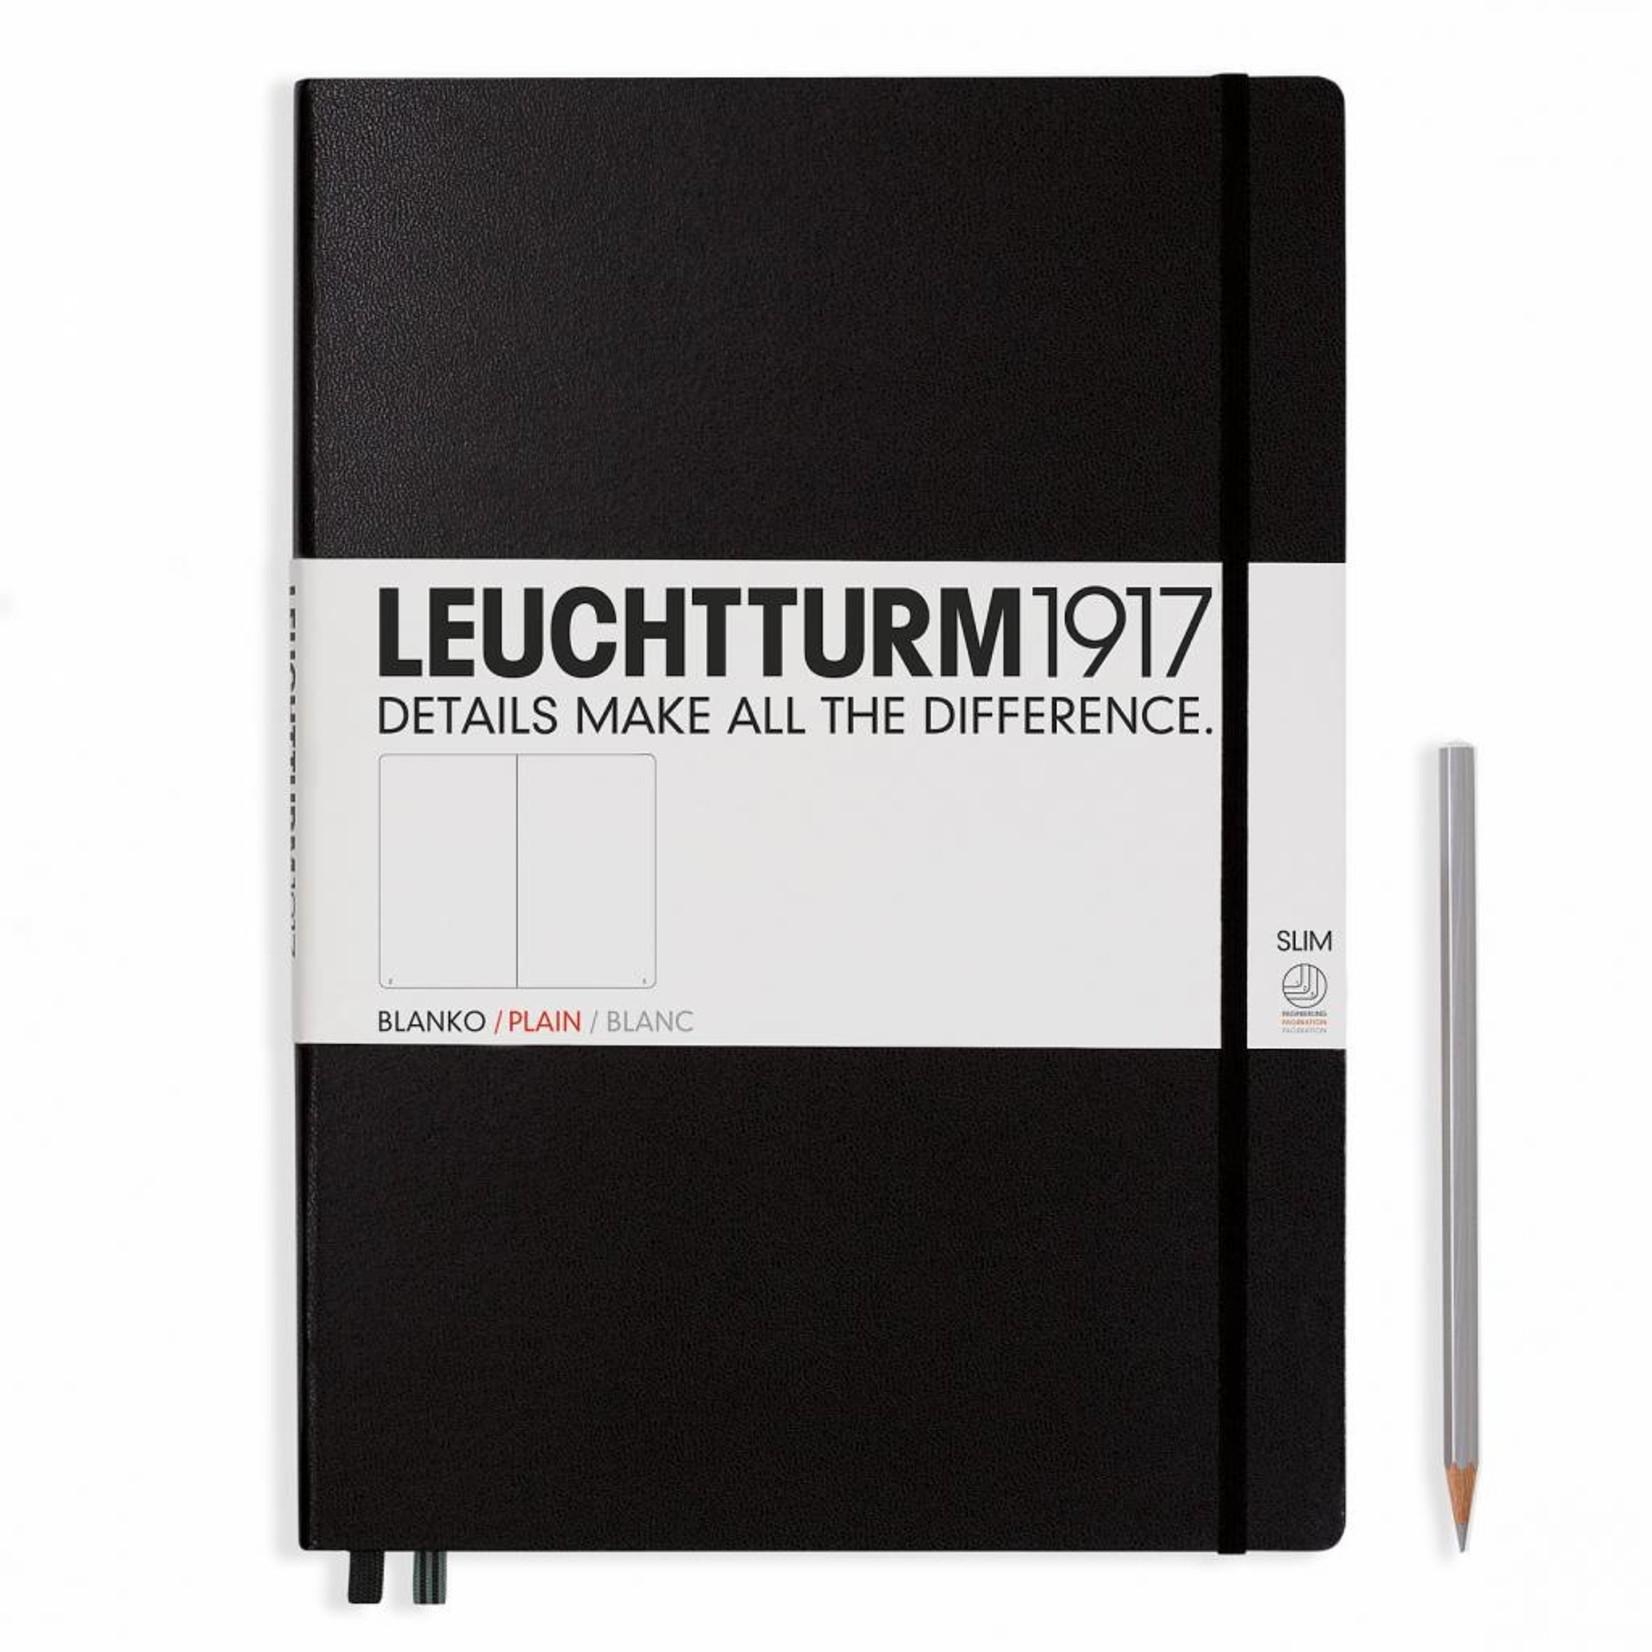 Leuchtturm1917 Leuchtturm1917 Notizbuch, Master Slim, Schwarz, Blanko